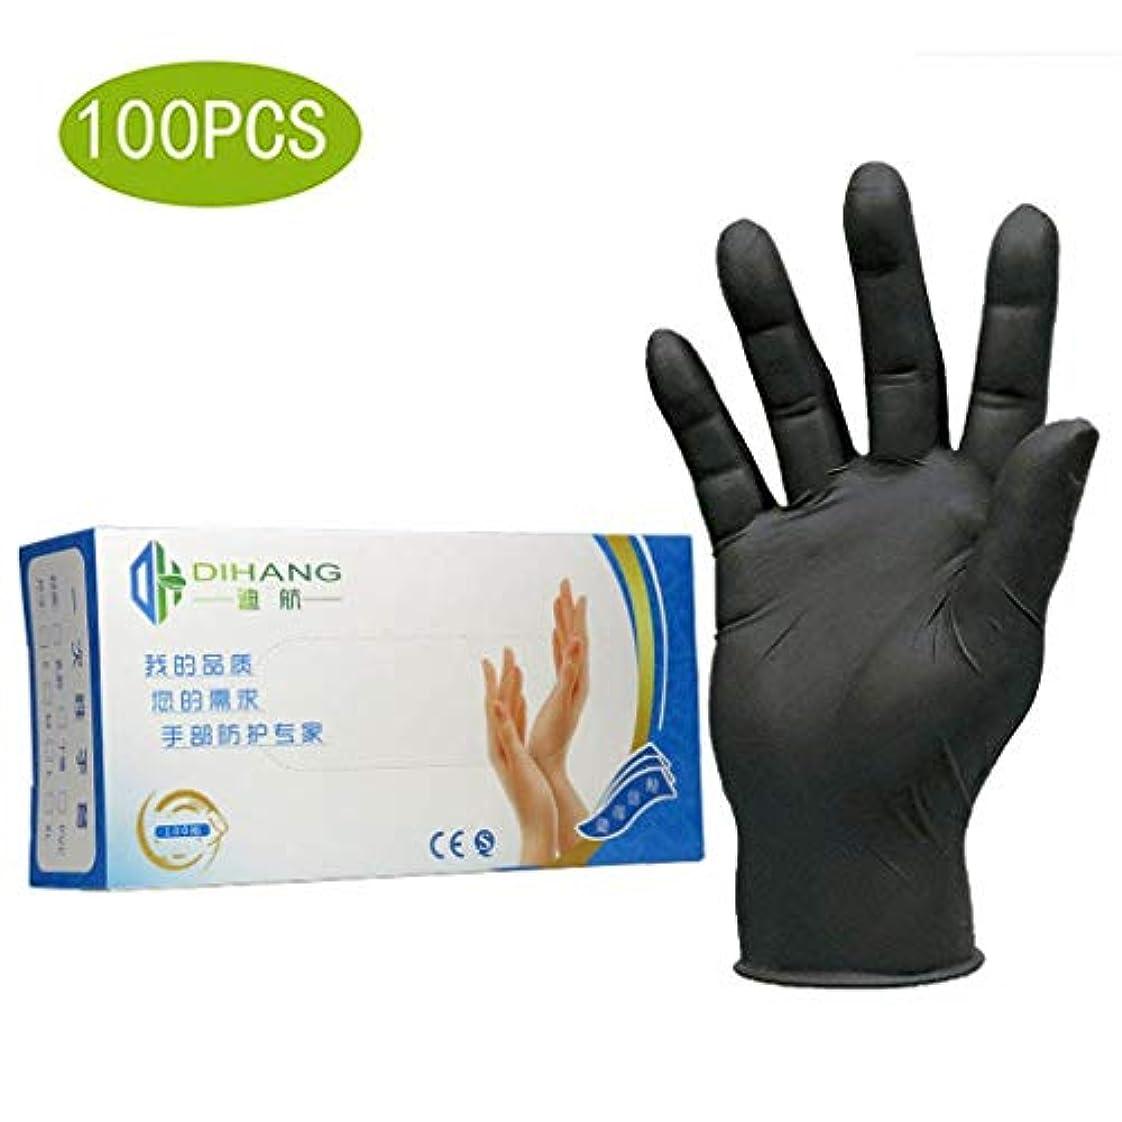 角度ロータリー減衰100倍使い捨て手袋耐酸性および耐アルカリ性試験軽量安全フィットニトリル手袋中粉末フリーラテックスフリータトゥー理髪産業加工労働保険 (Size : M)